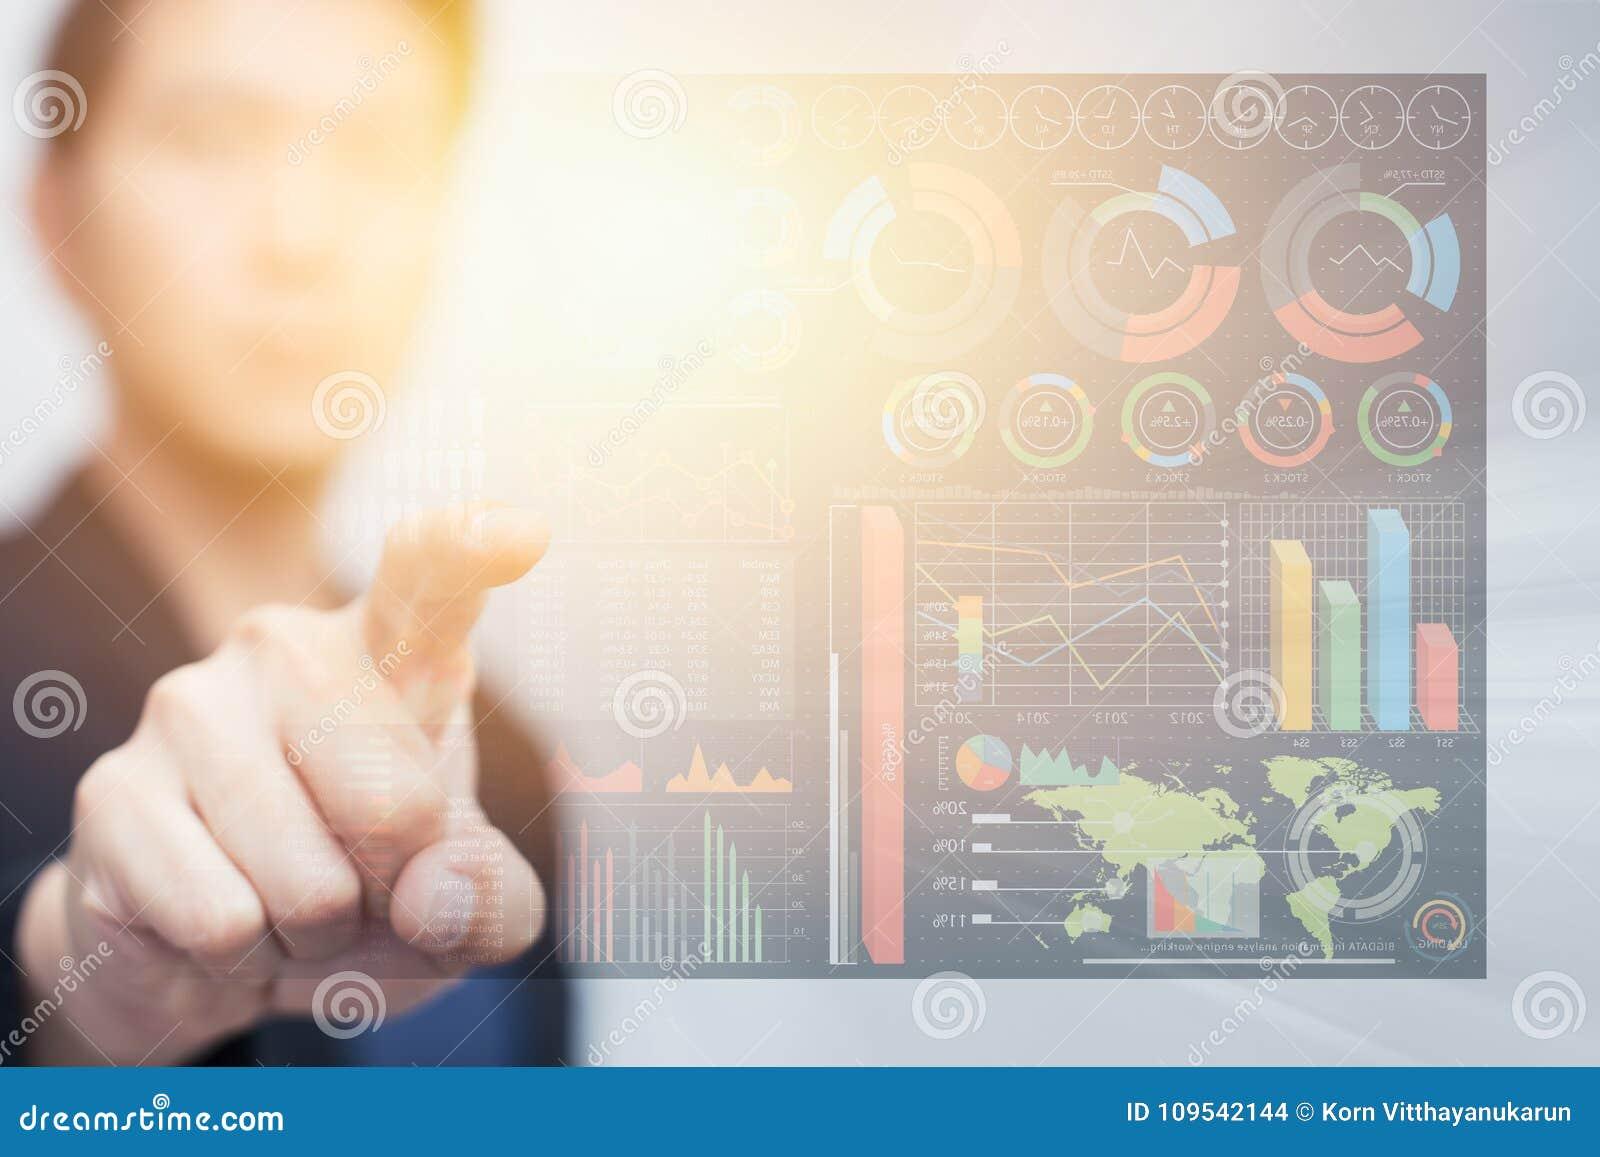 Informationscyberspace der digitalen Daten des Geschäftsmannes rührendes